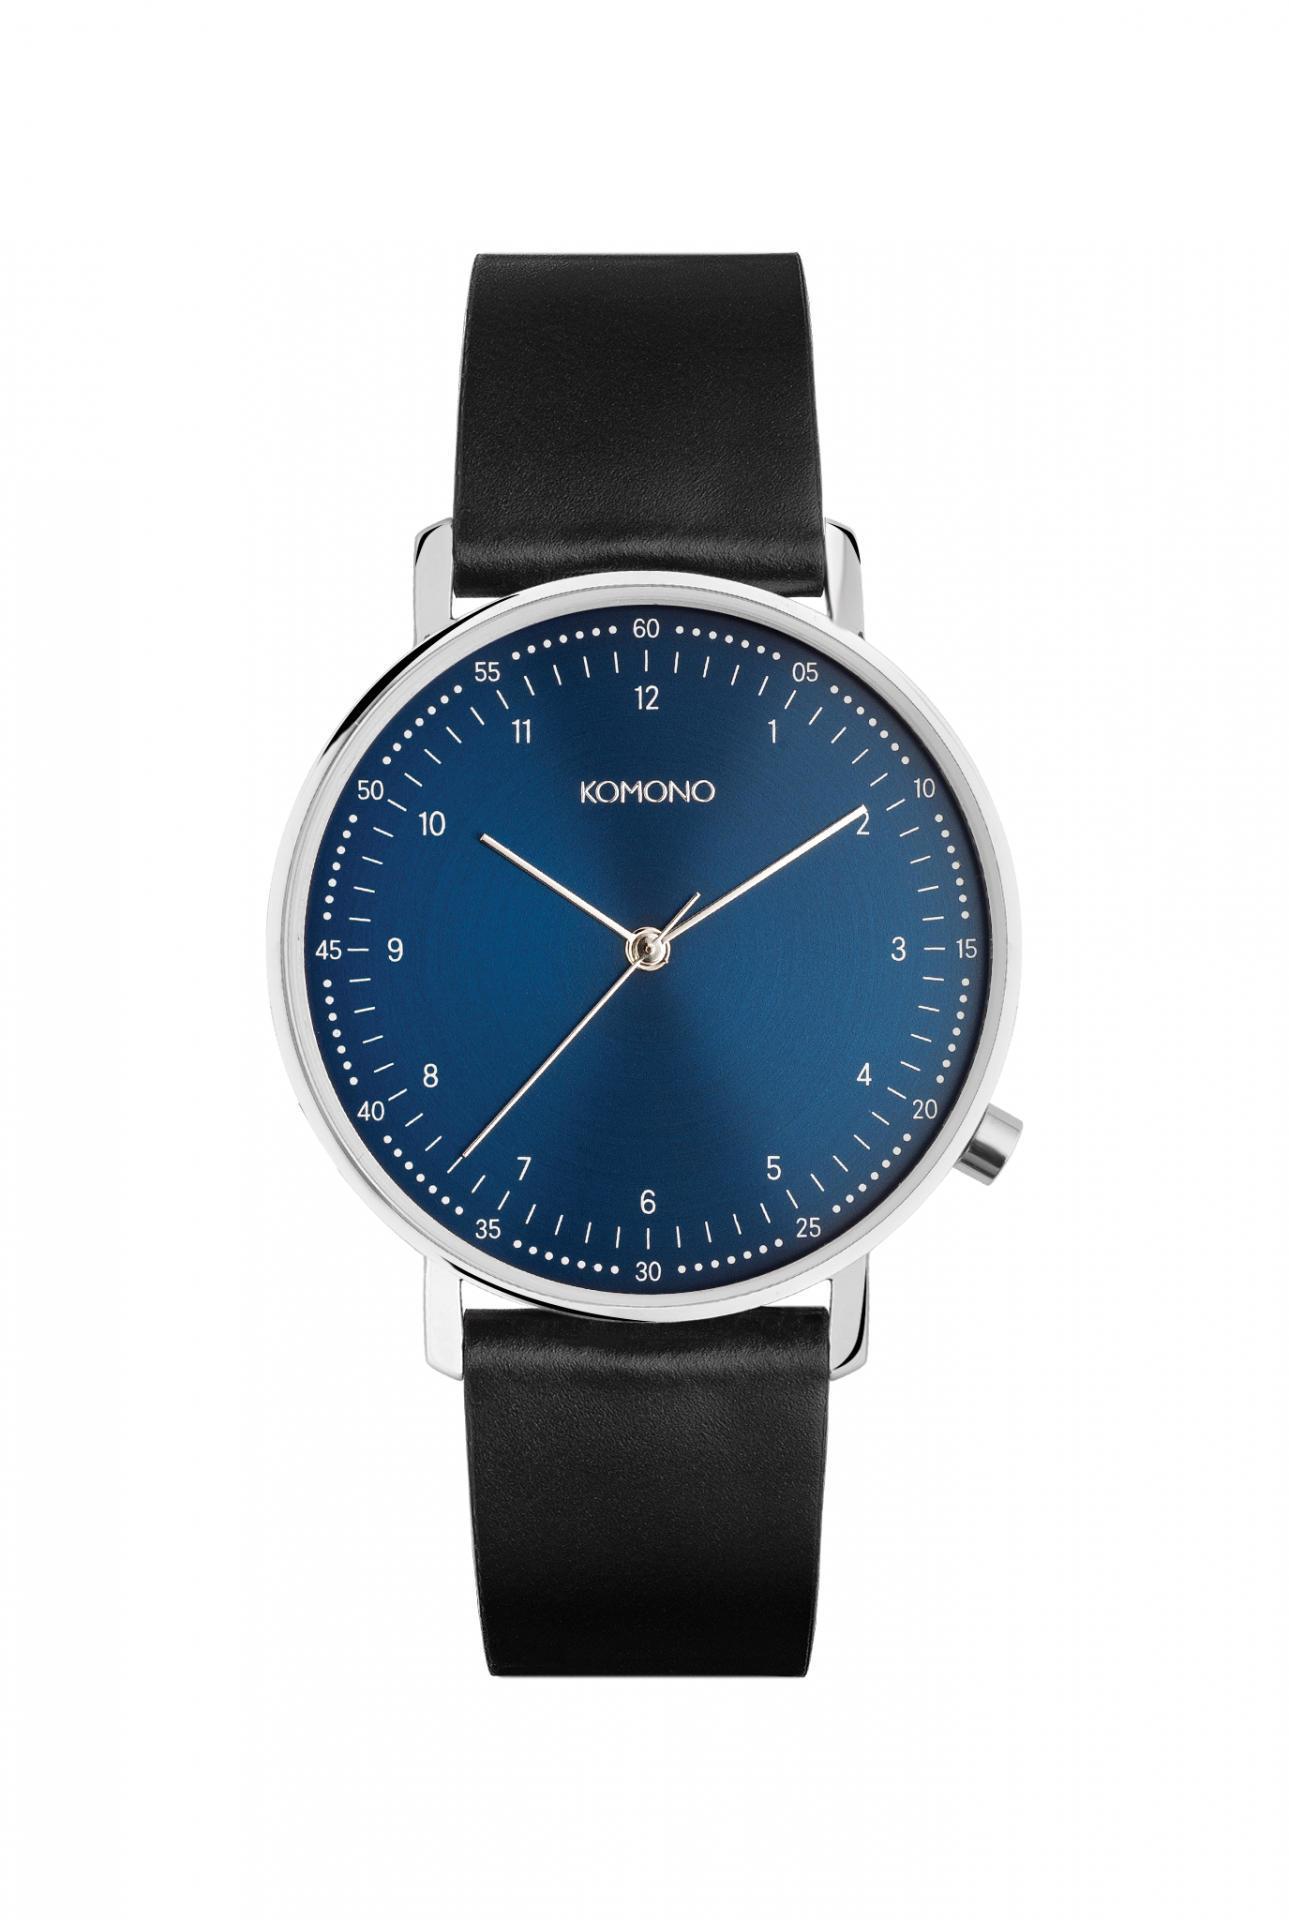 Komono Pánské hodinky Komono Lewis Blue, modrá barva, černá barva, kov, kůže